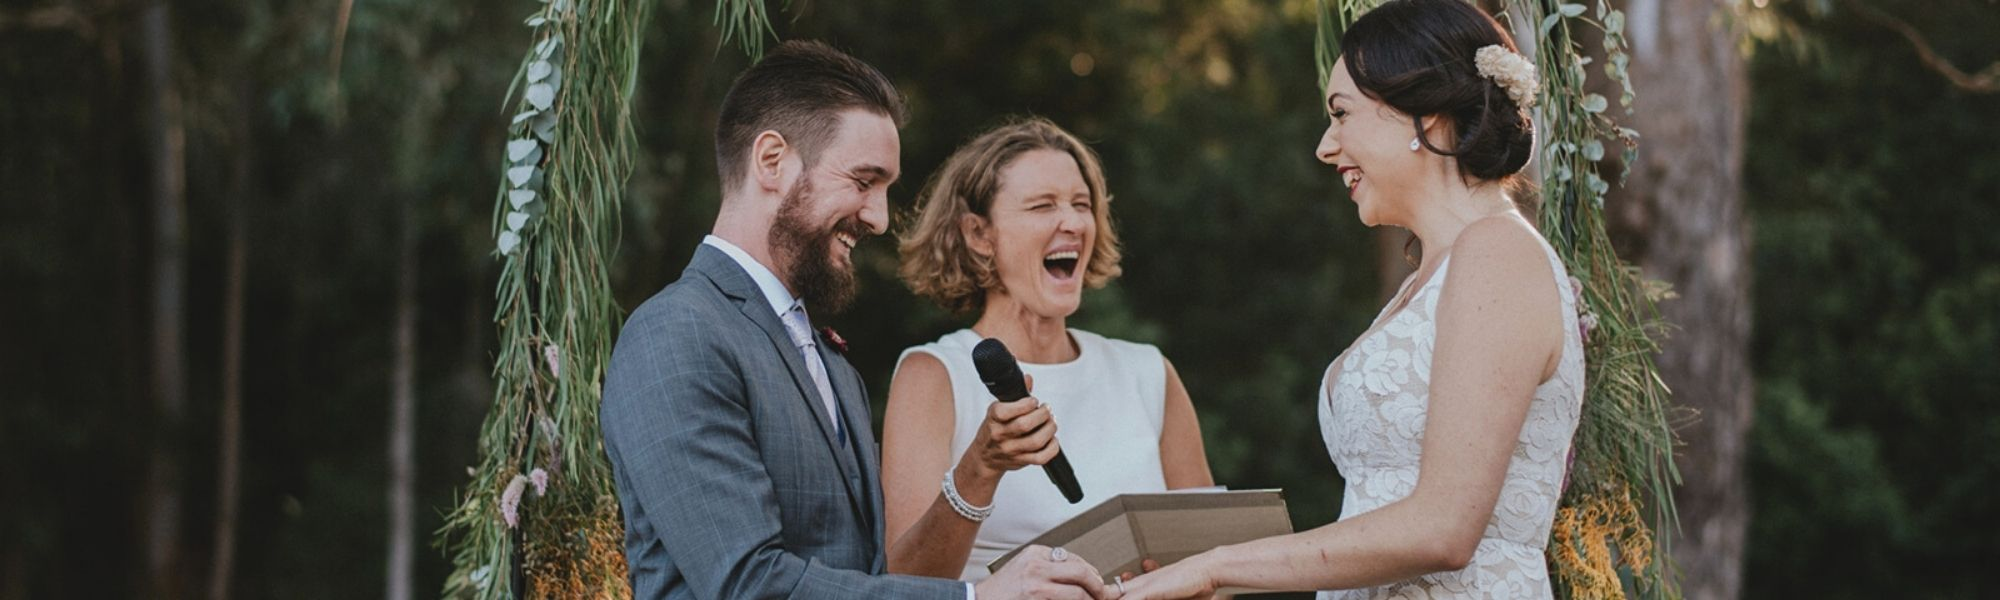 Wedding Celebrant Sydney